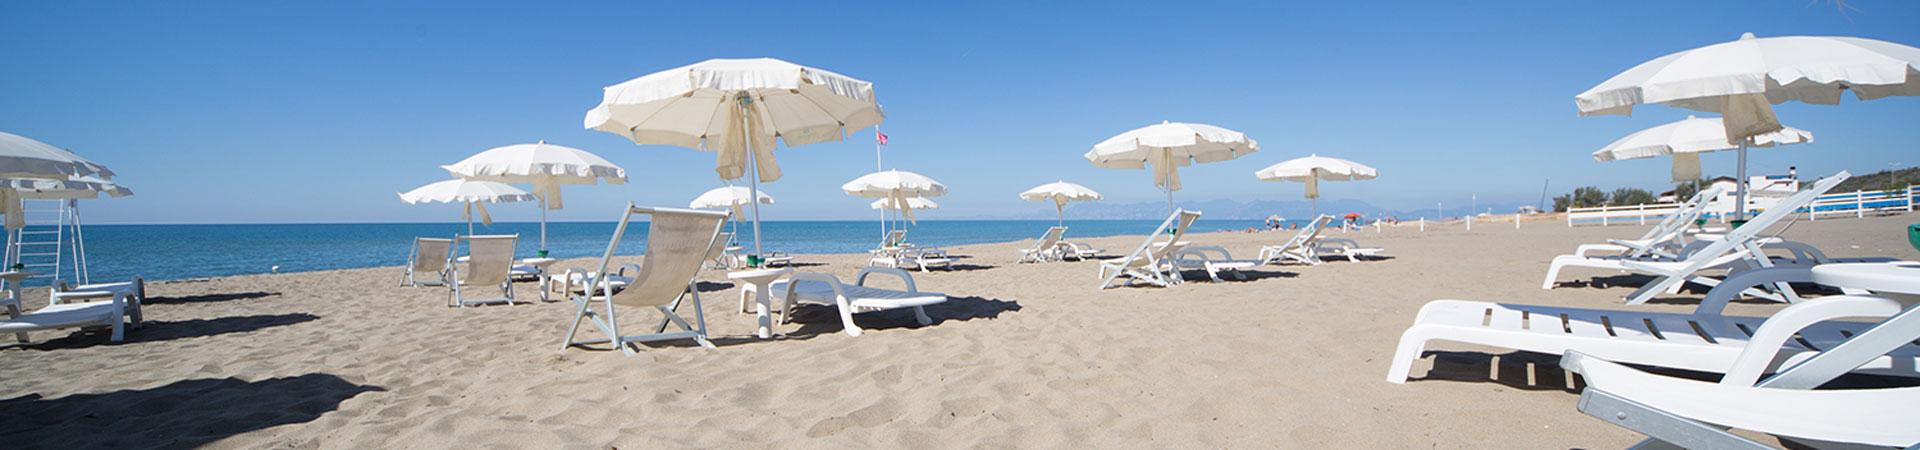 spiaggia-olimpia-